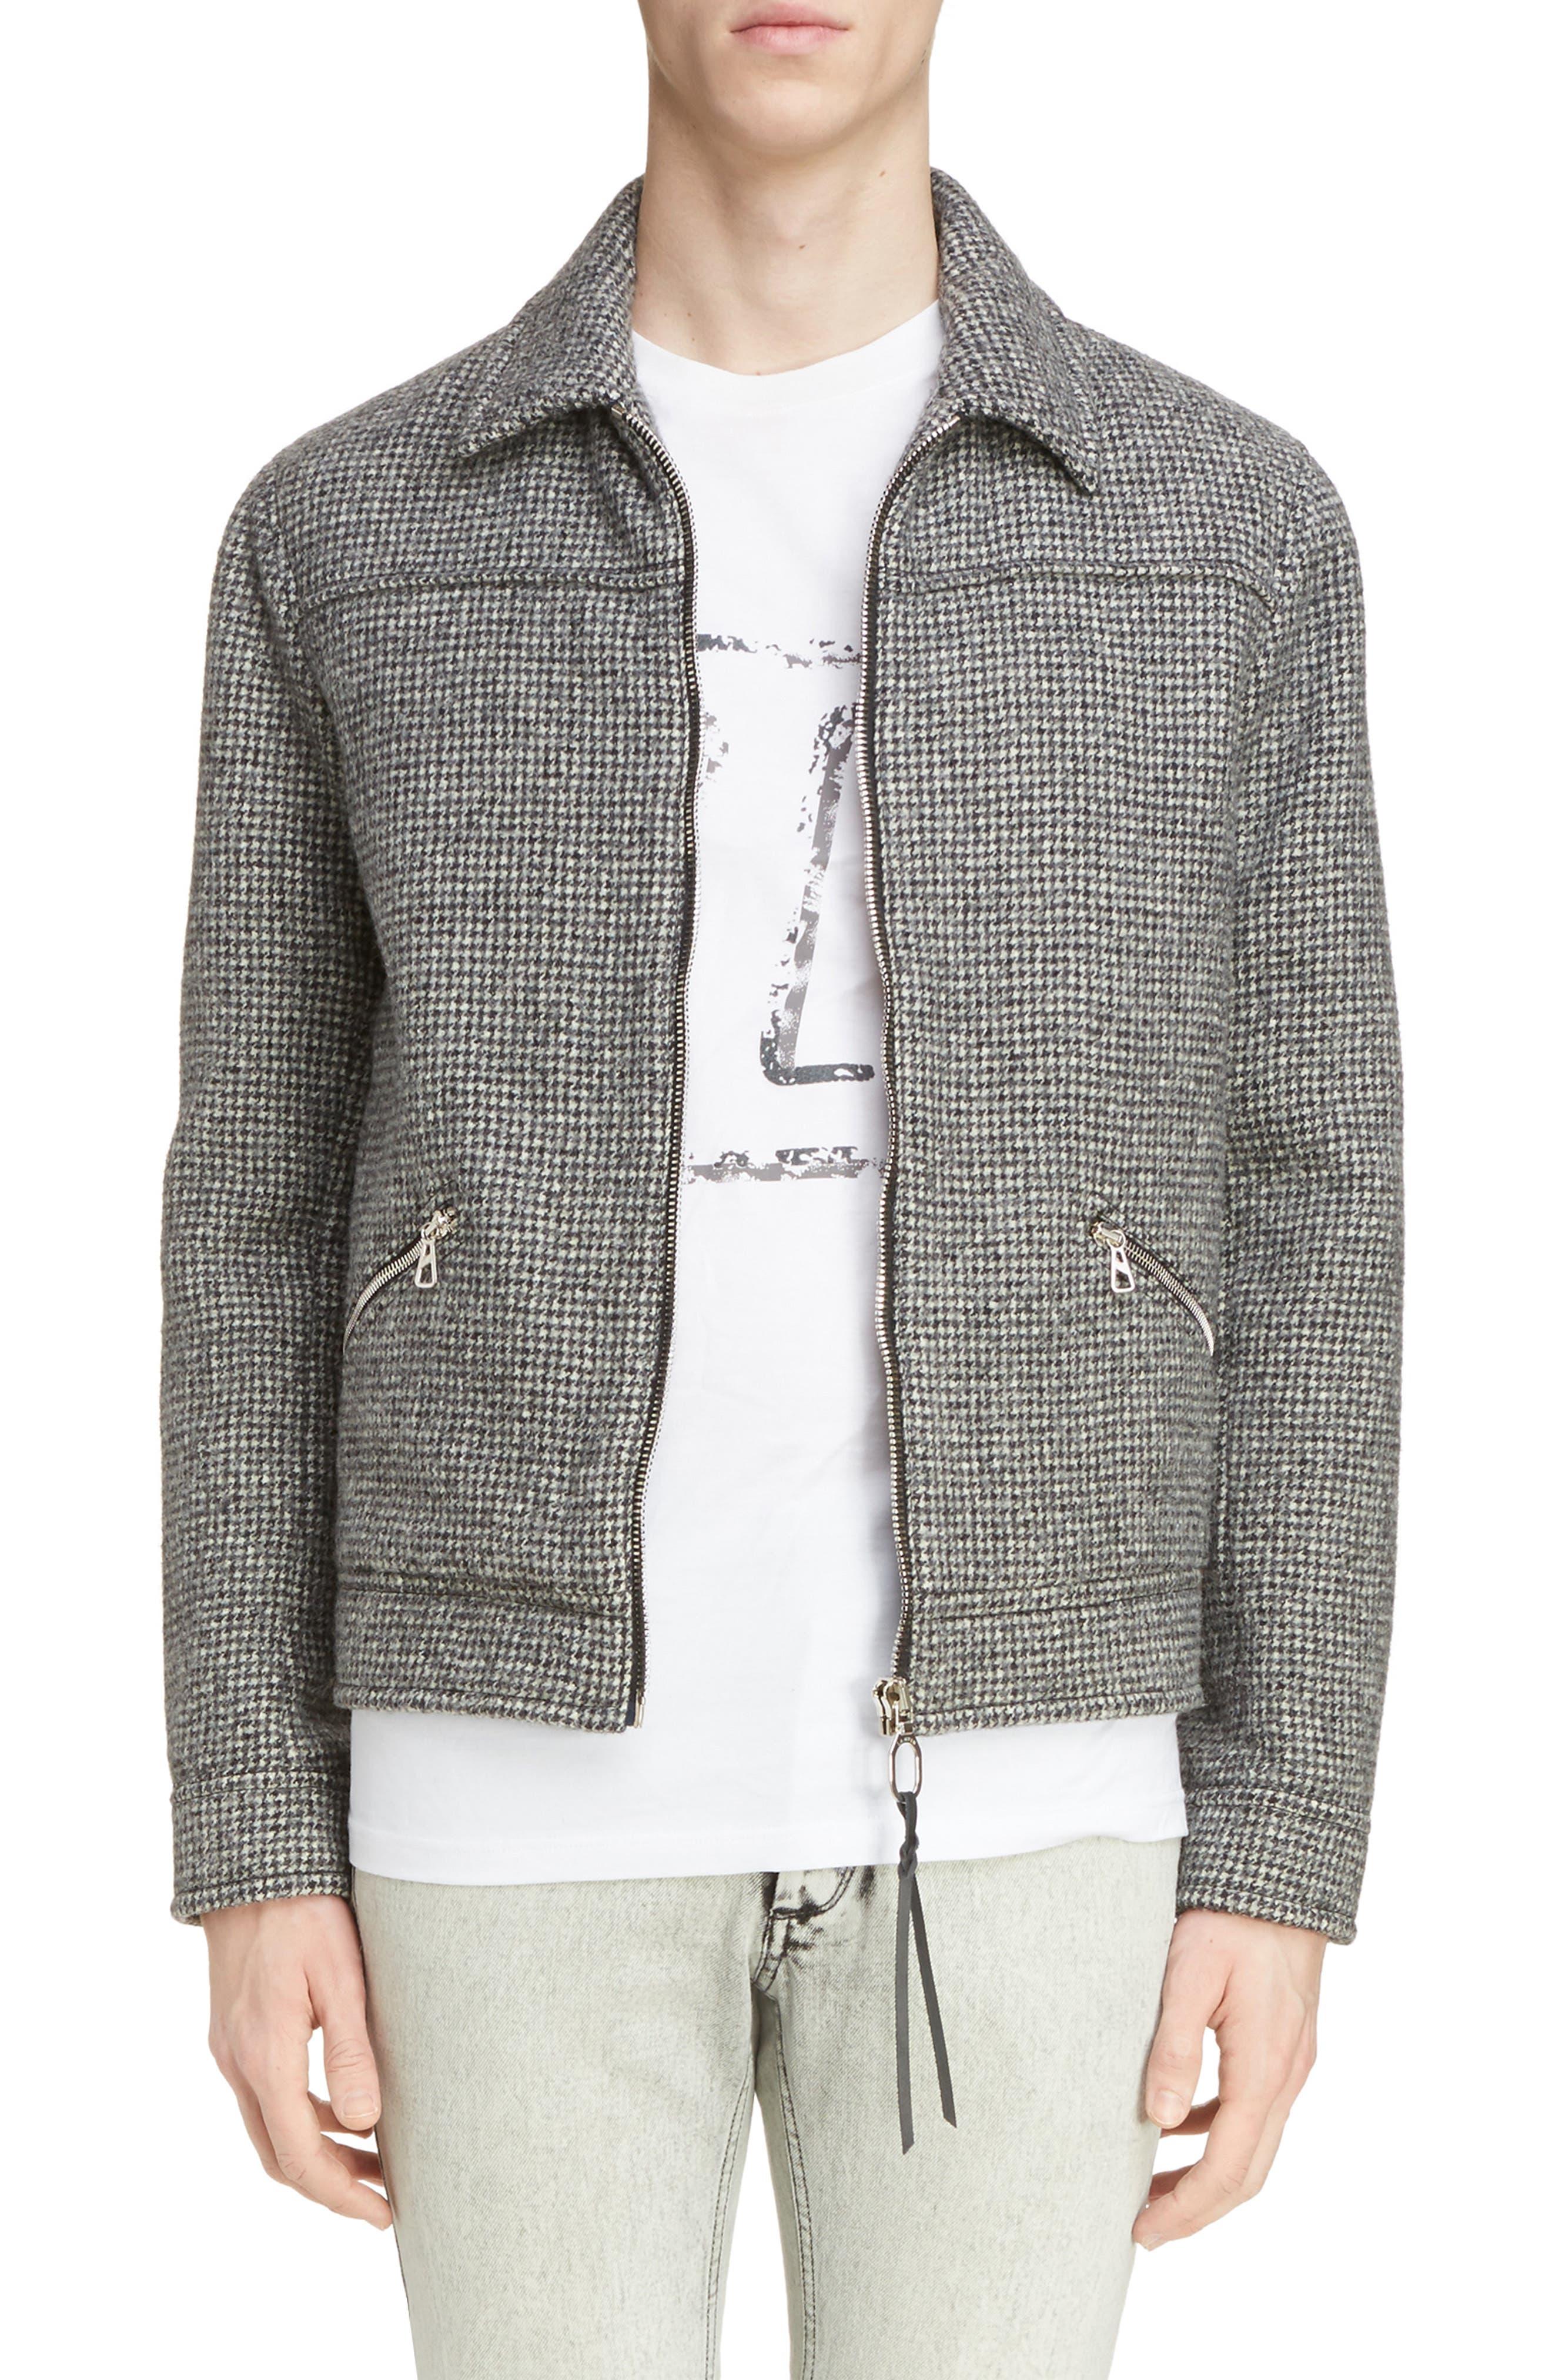 Lanvin Houndstooth Wool Zip Front Jacket